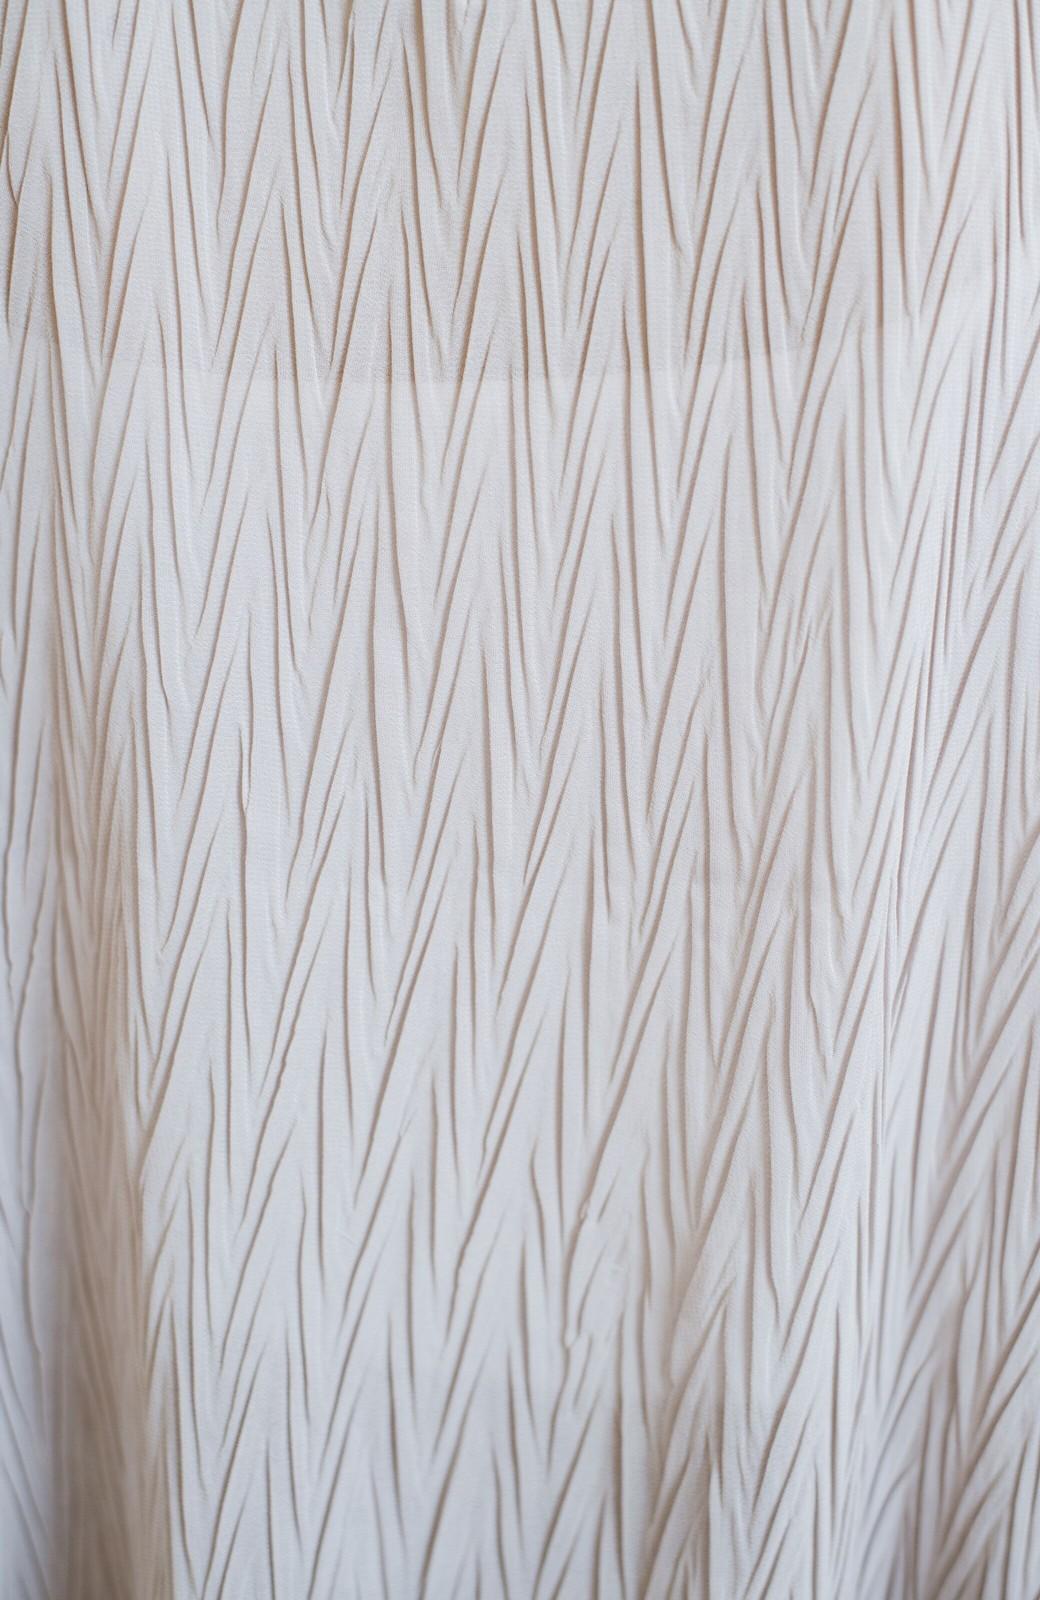 haco! いつものボトムスに合わせてもパッと今っぽくなれちゃうふわり袖が可愛いブラウス <ライトグレー>の商品写真3